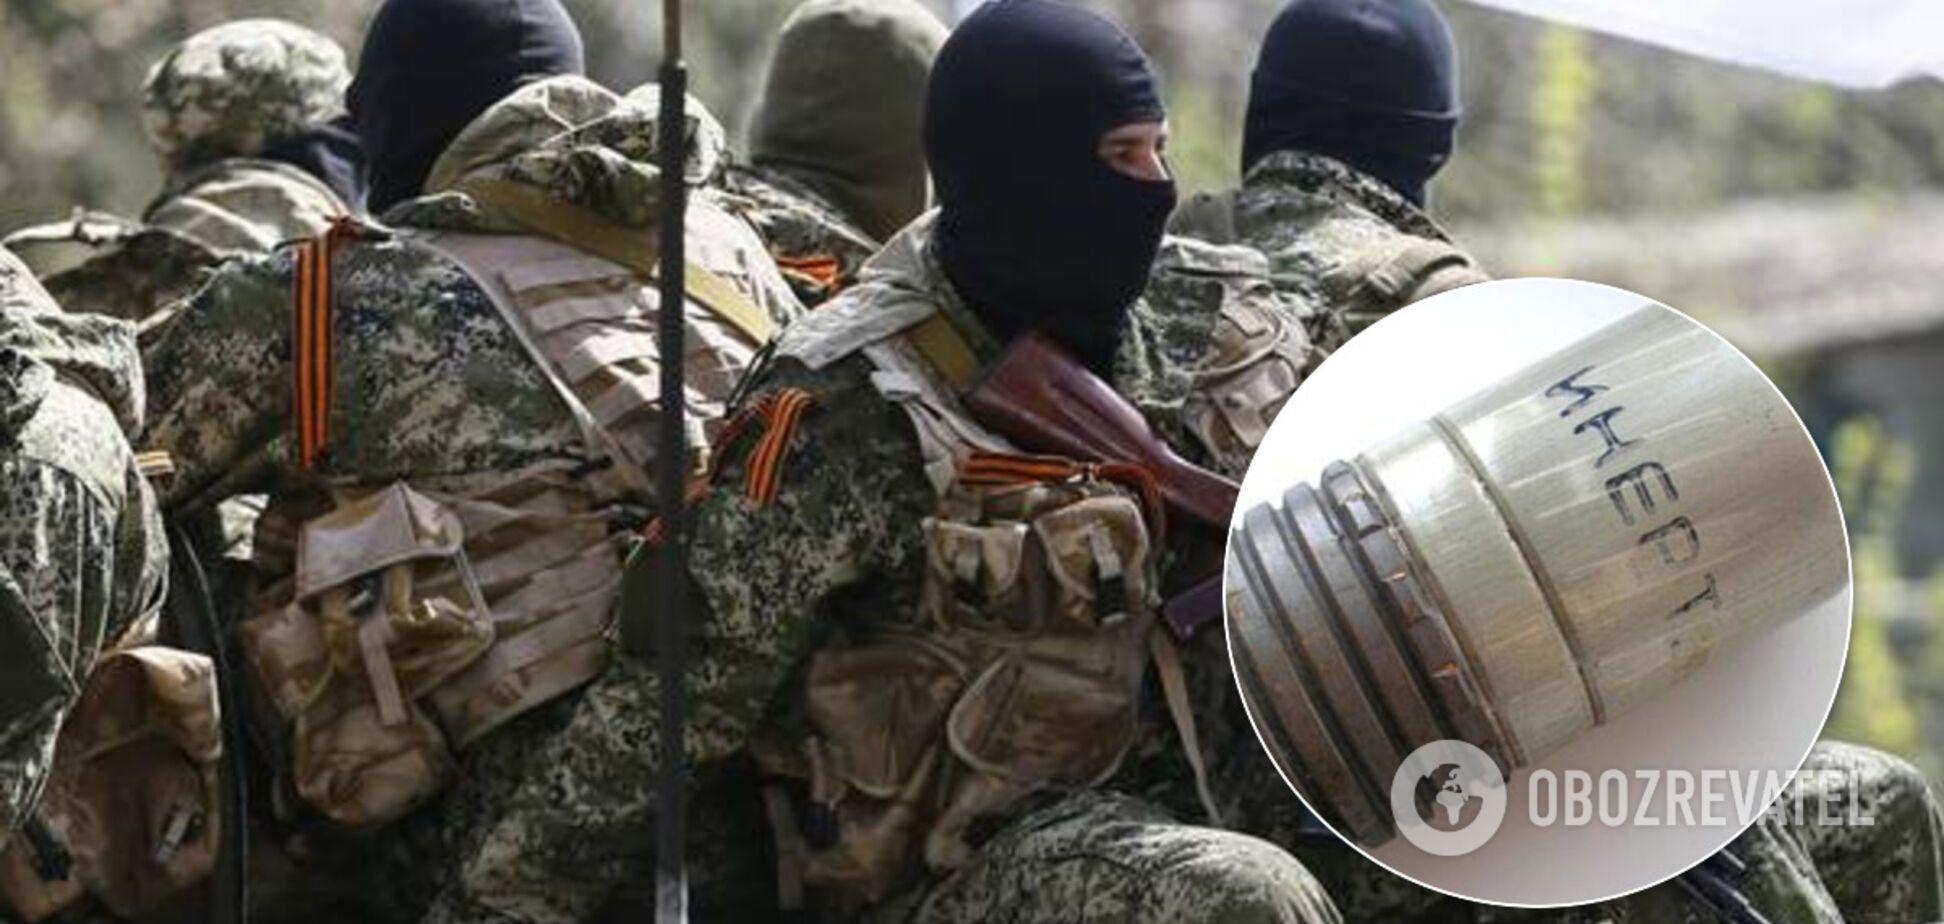 Оккупанты внезапно изменили тактику на Донбассе: в открытую запускают ракеты